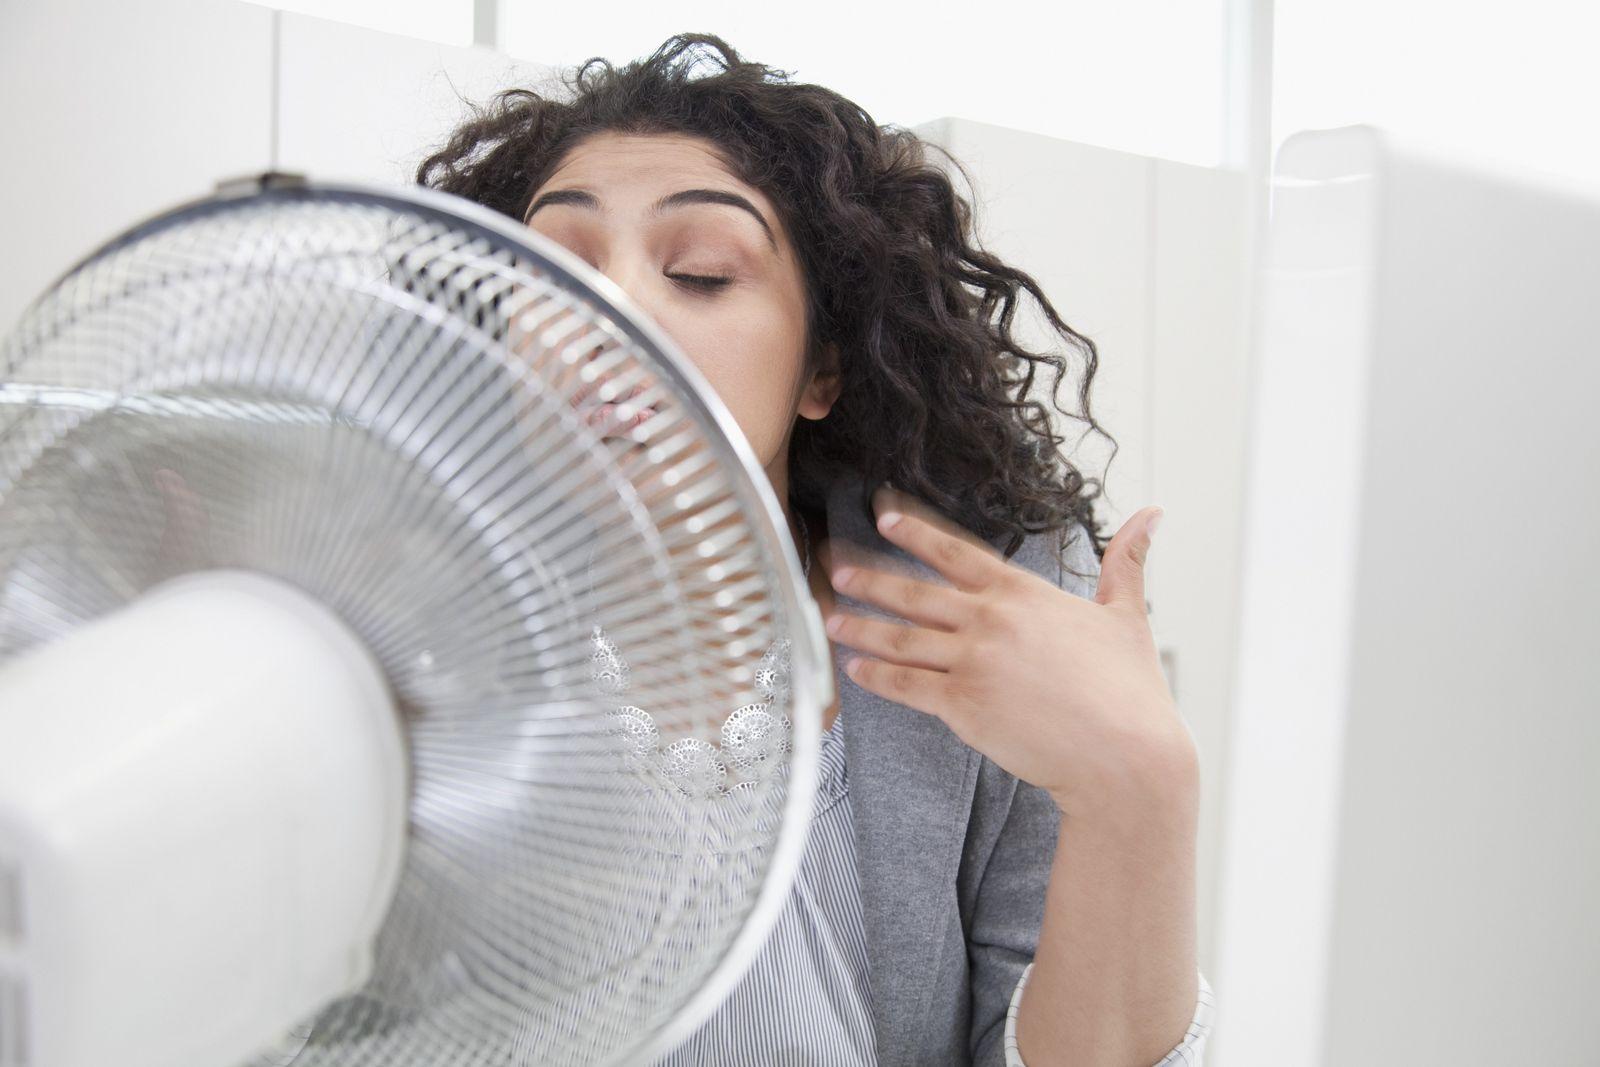 NICHT MEHR VERWENDEN! - Ventilator